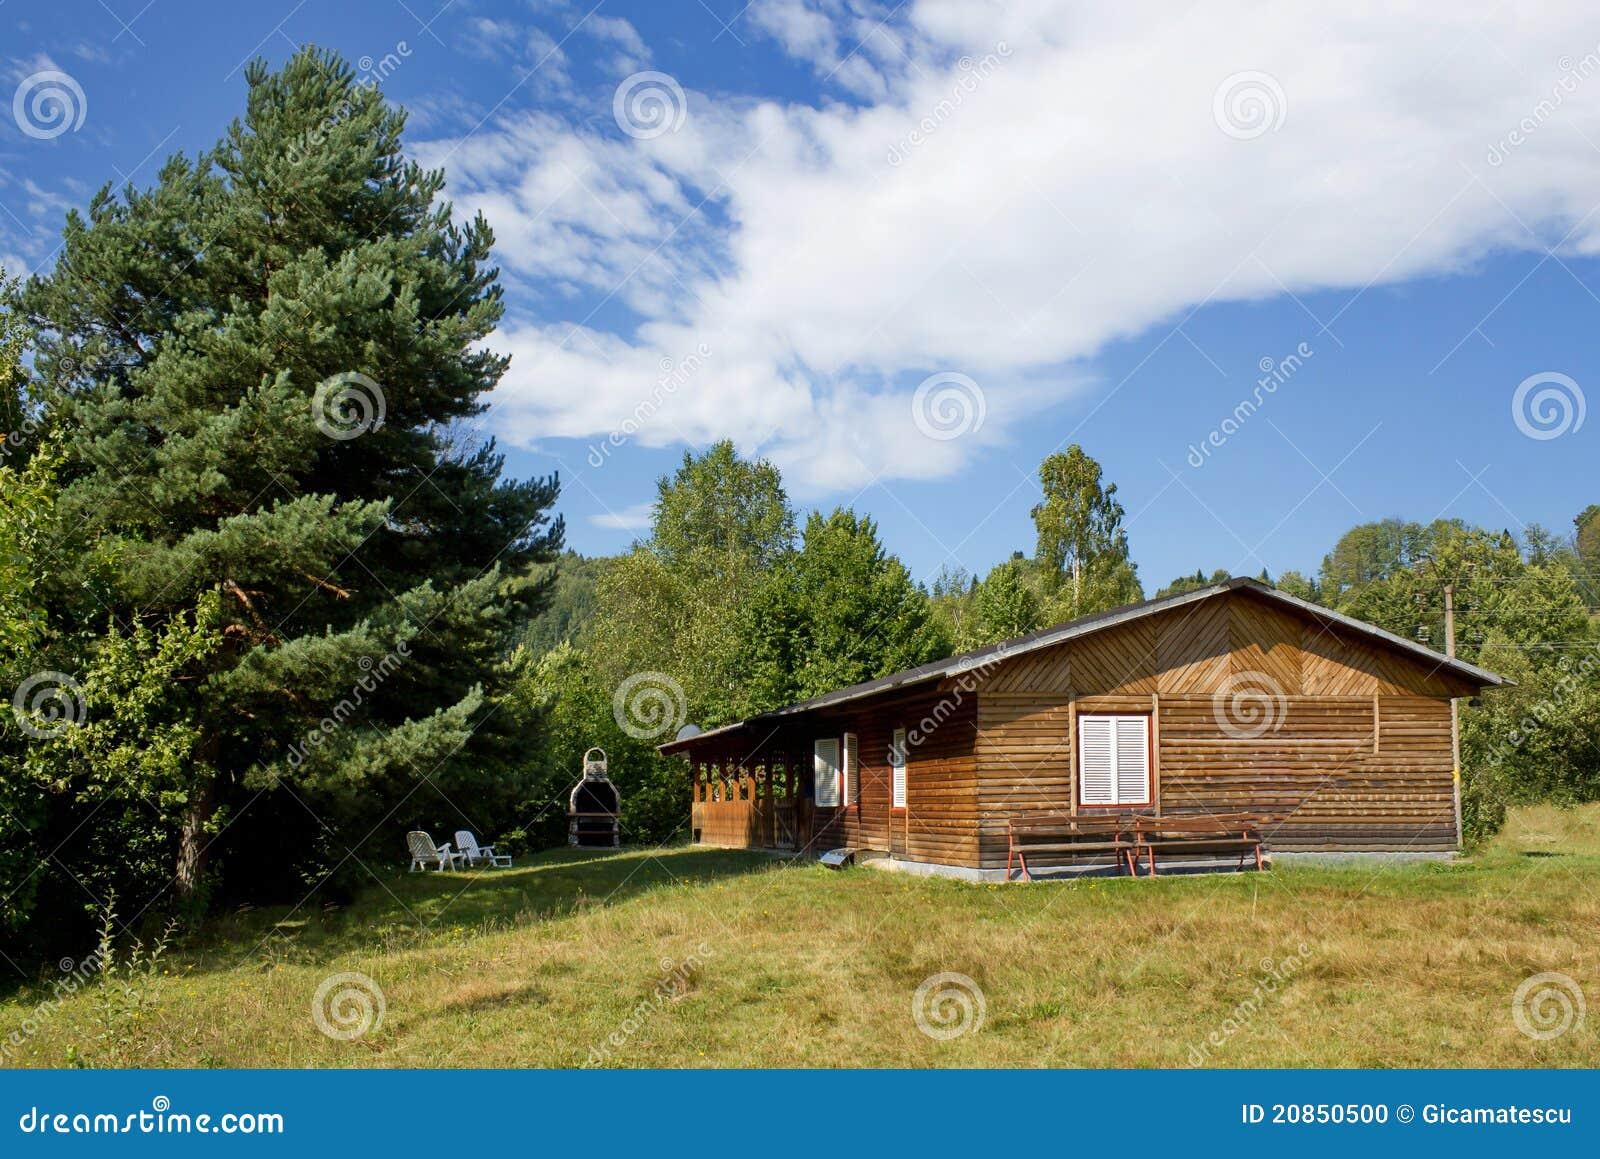 Casa de campo de madeira foto de stock imagem 20850500 - Fotos de casa de campo ...